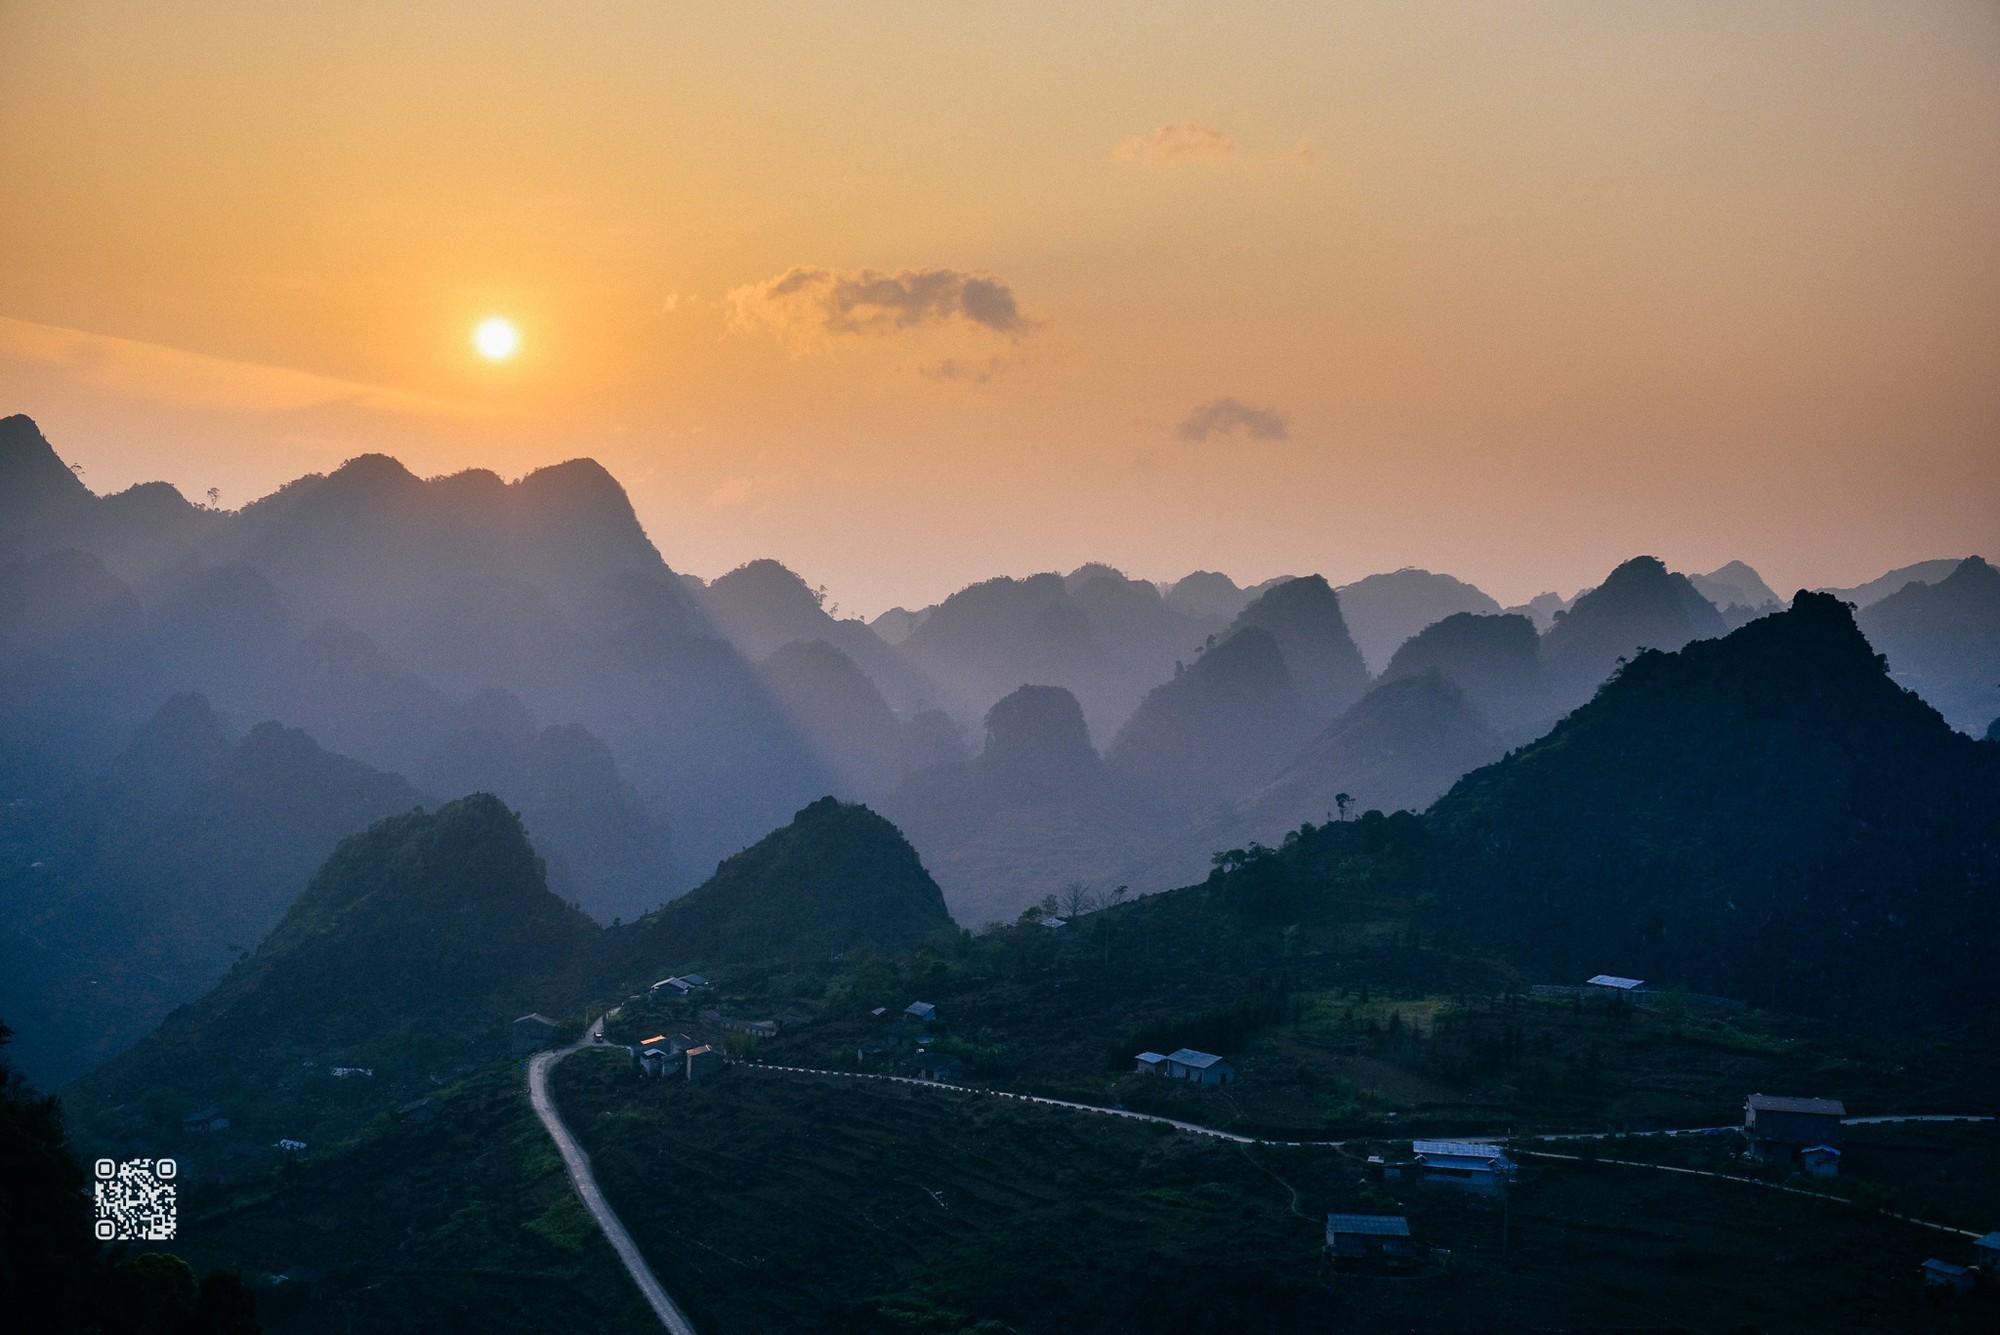 Du lịch gia đình trong 3 ngày vào mùa hè nên đi Hà Giang hay Mộc Châu? - Ảnh 4.